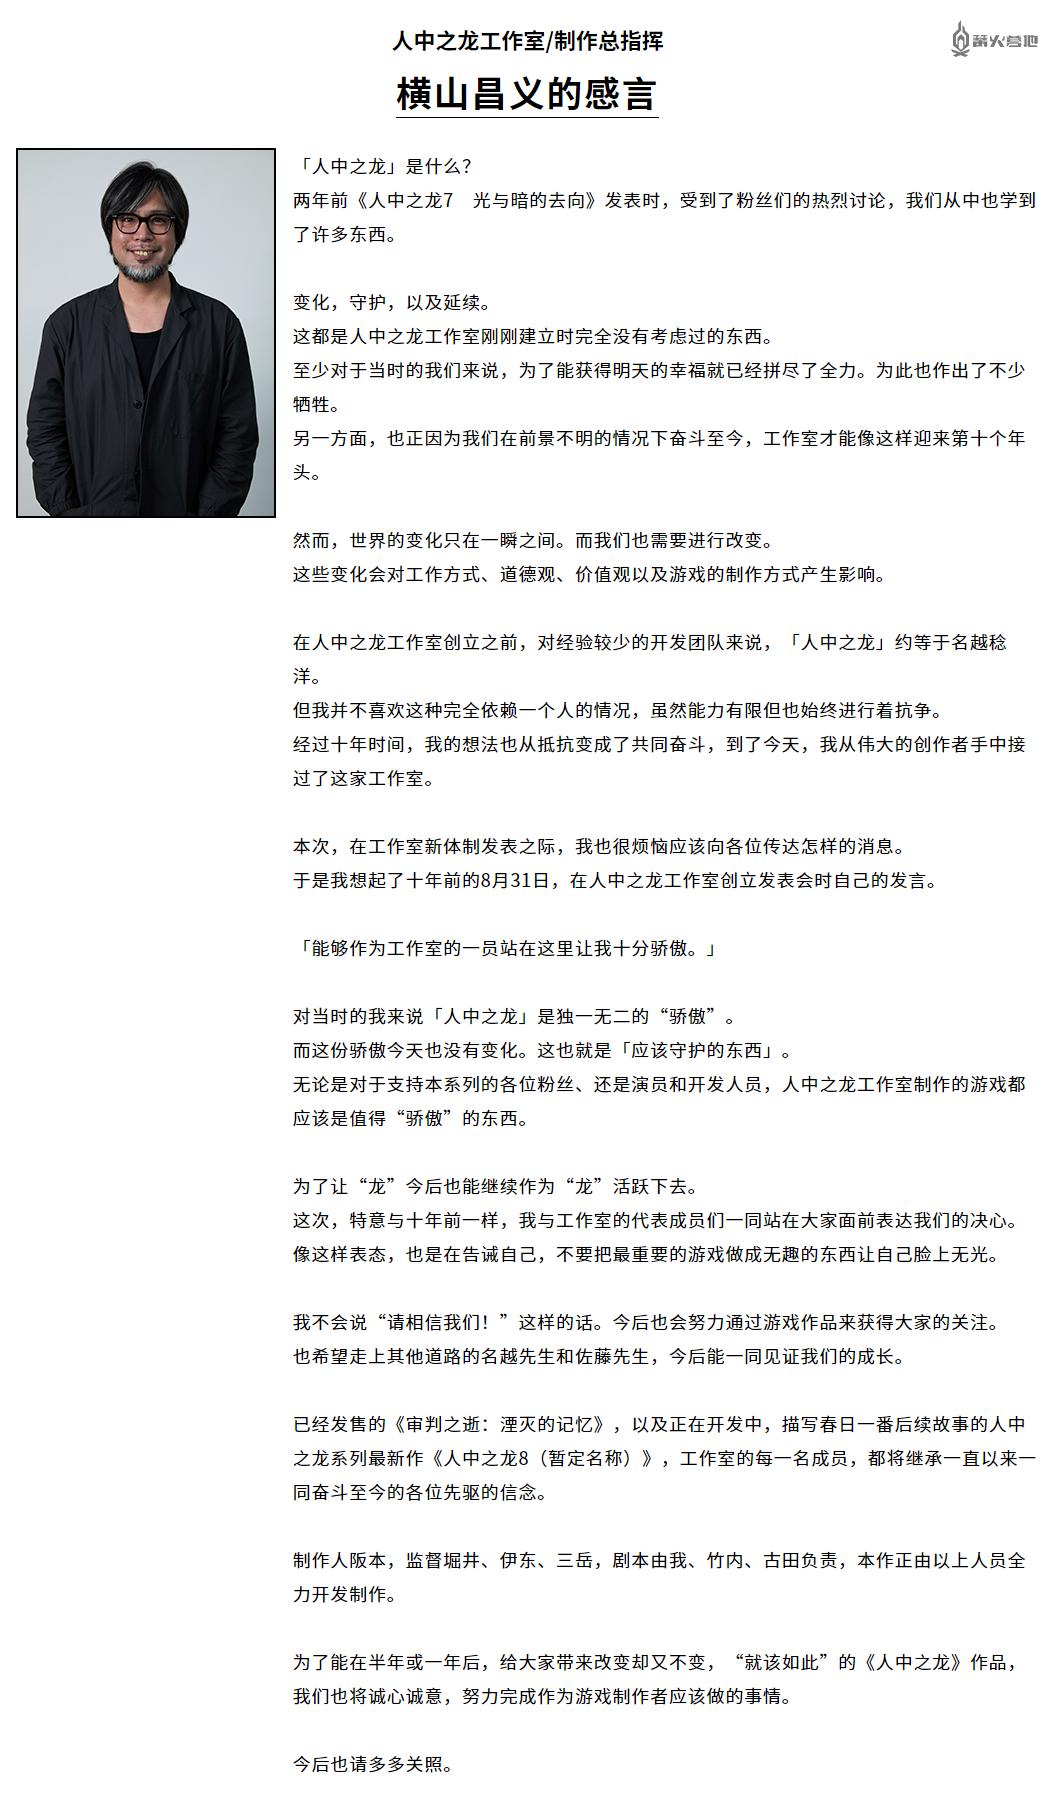 如龙工作室确认制作人名越稔洋离职,横山昌义升任制作总指挥